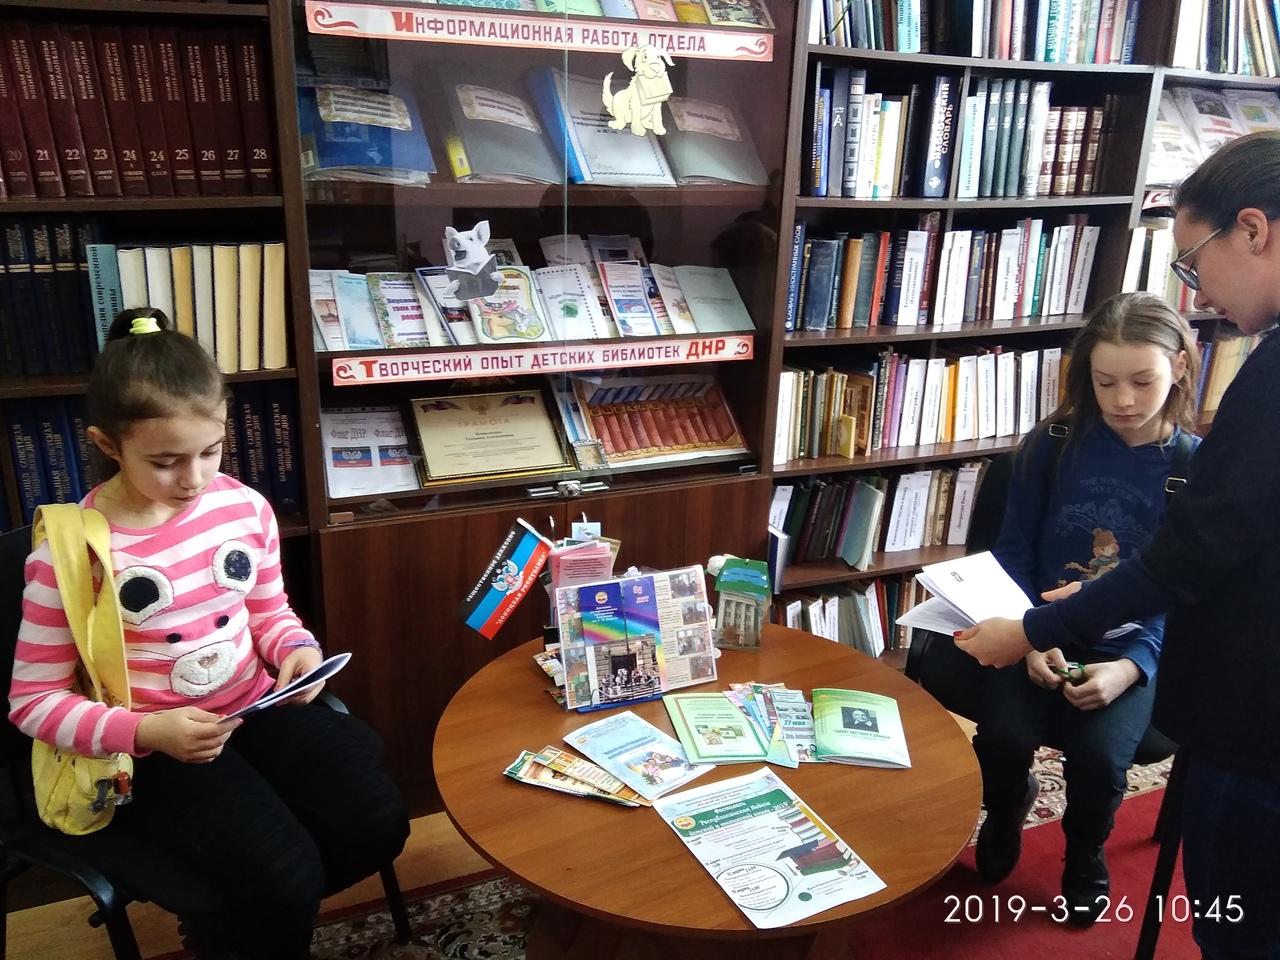 каникулы в библиотеке, экскурсия в библиотеку, донецкая республиканская библиотека для детей, отдел справочно-библиографического и информационного обслуживания, книга источник знаний